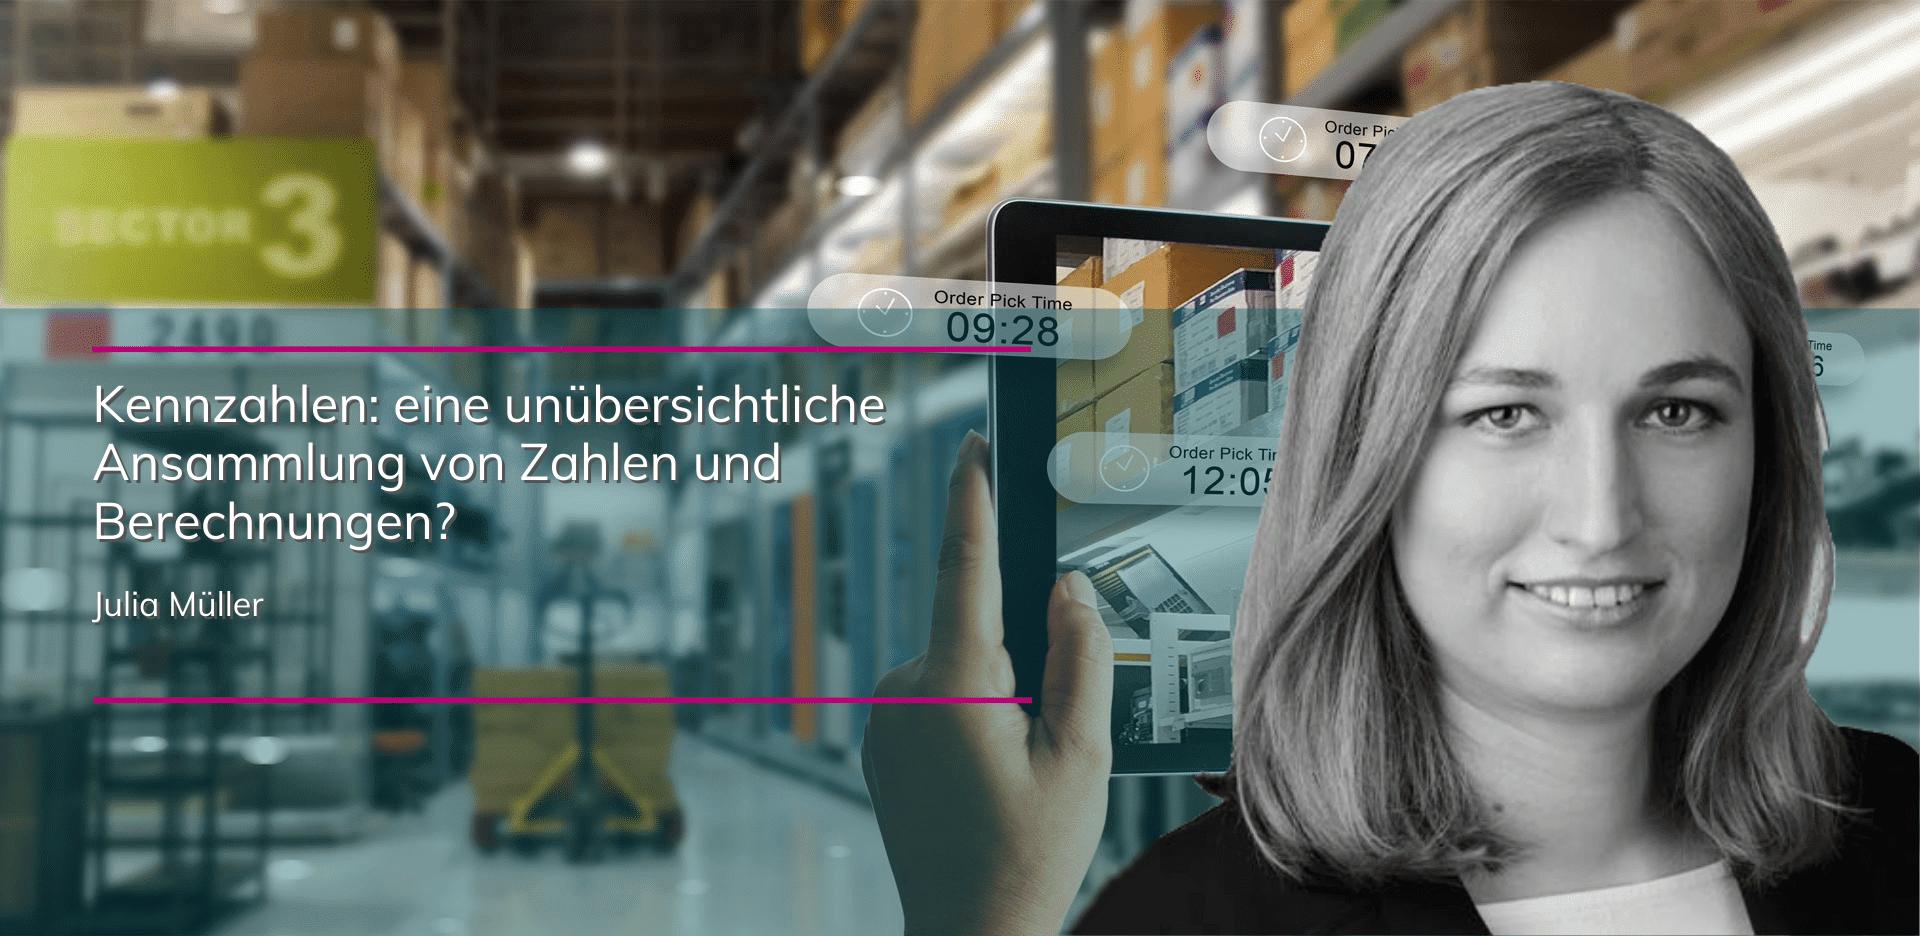 plenovia-blog-Mueller-Julia-Kennzahlen-unternehmensberatung-restrukturierung-sanierungskonzepte-düsseldorf-frankfurt-berlin